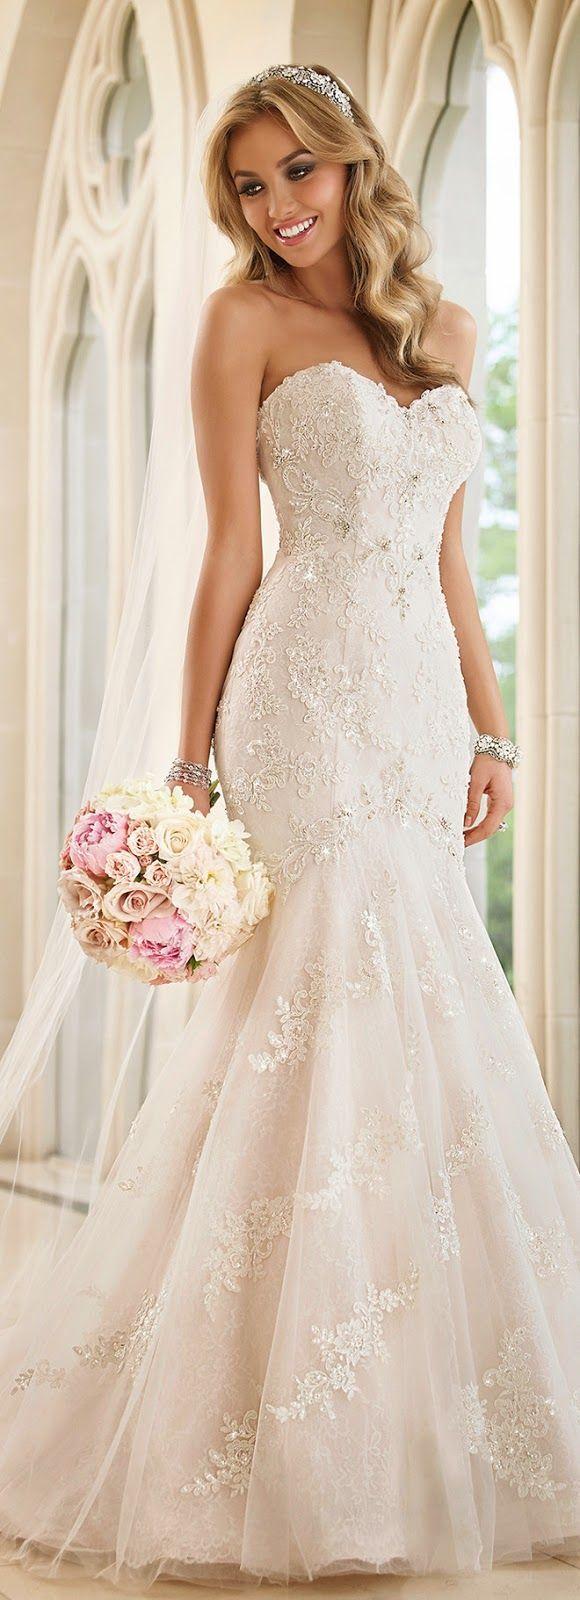 gebrauchte hochzeitskleider 5 besten   Hochzeitskleider ...